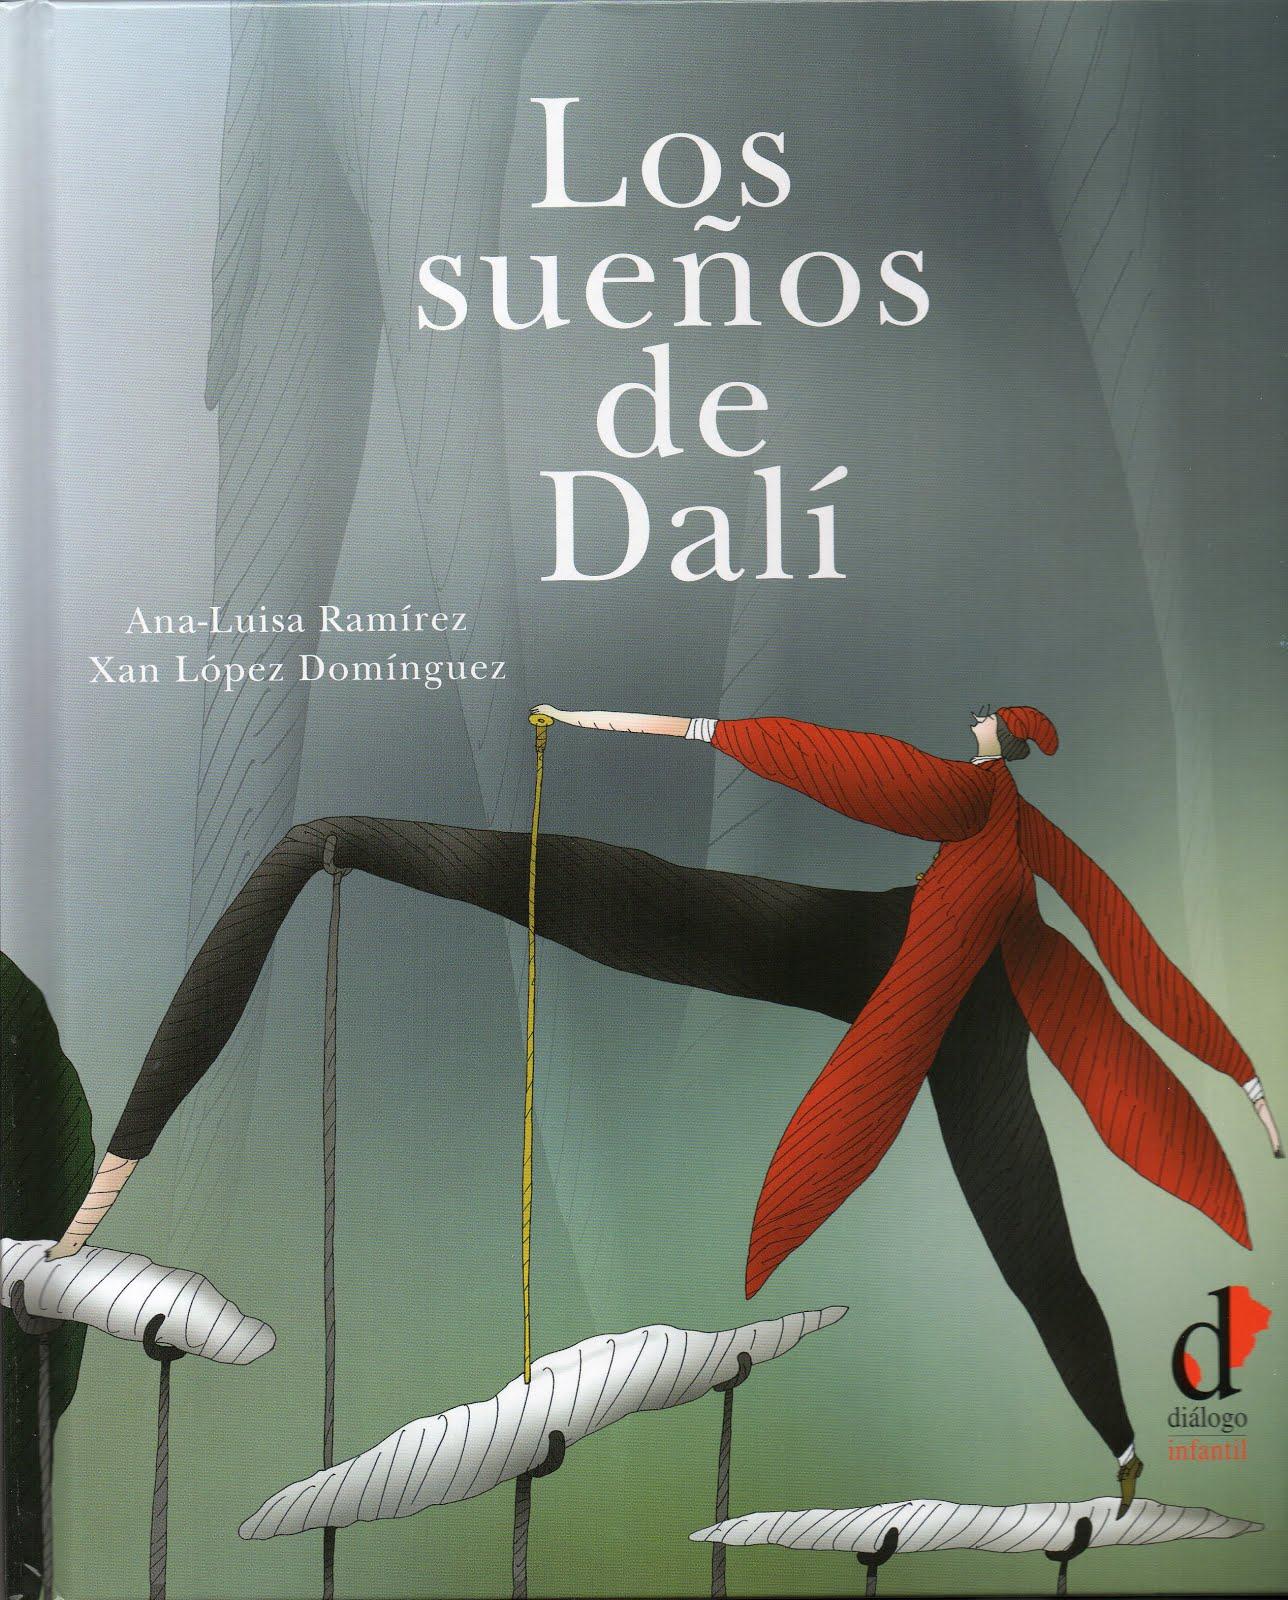 LOS SUEÑOS DE DALÍ